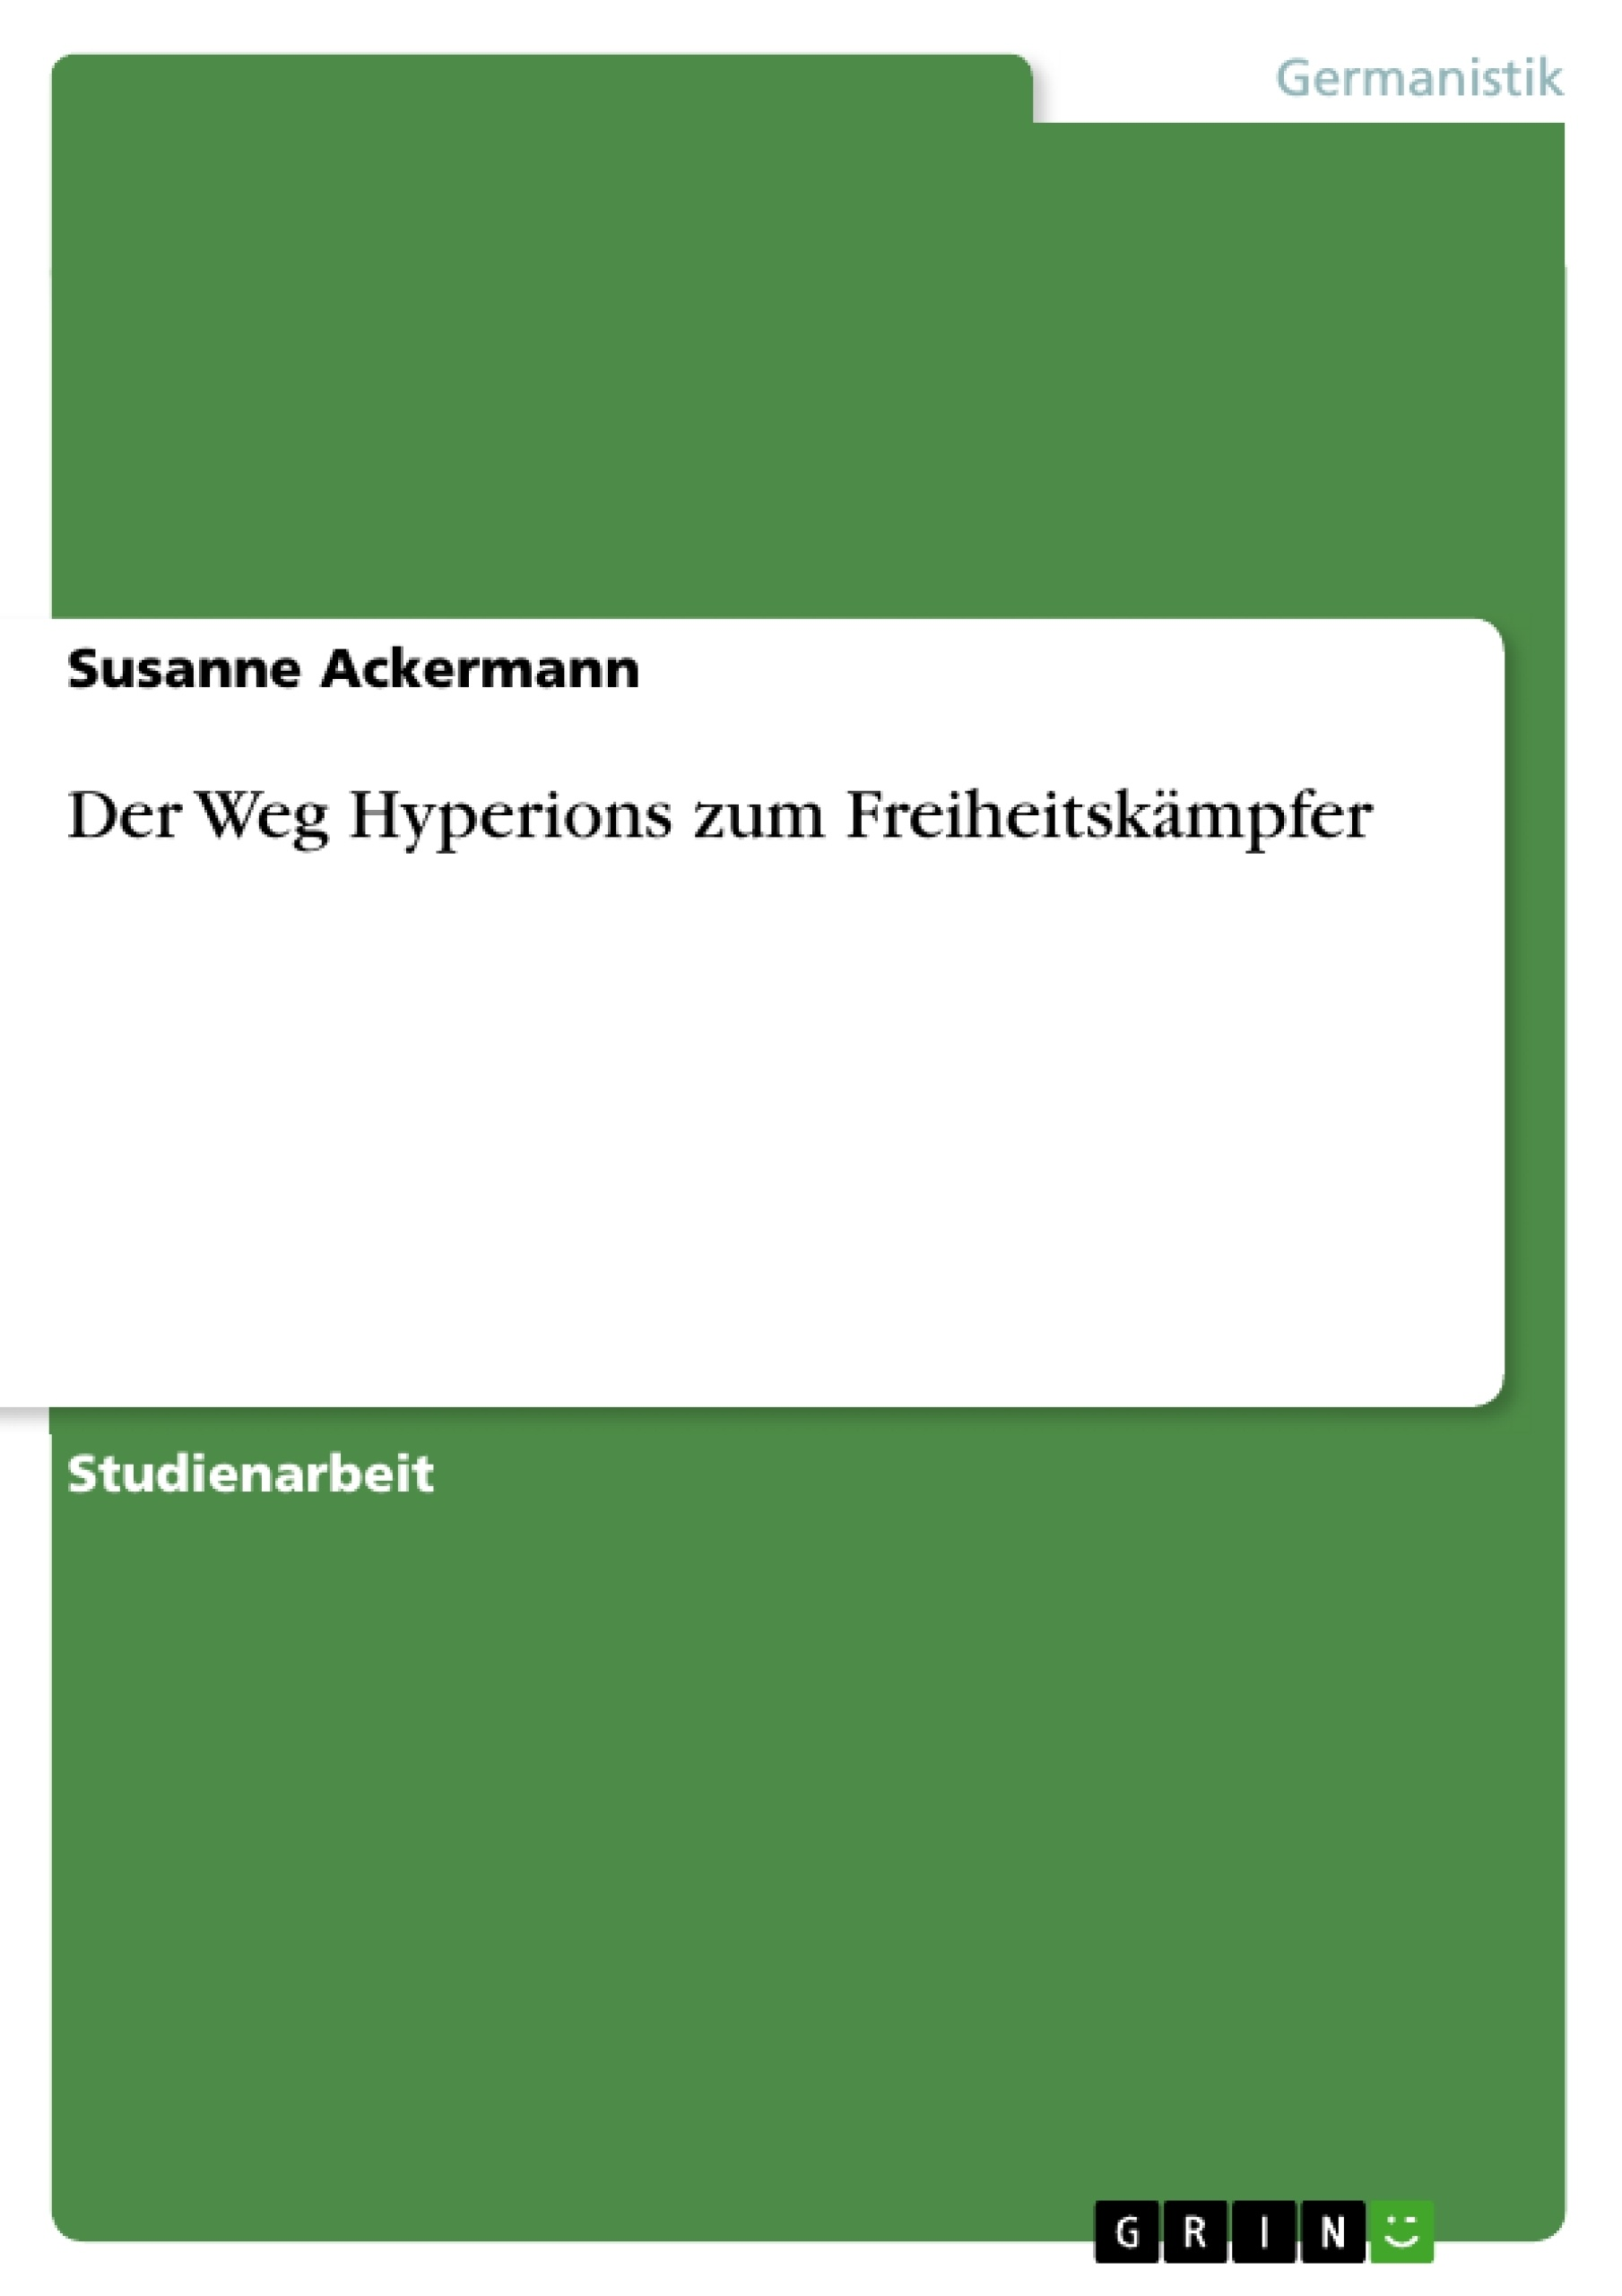 Titel: Der Weg Hyperions zum Freiheitskämpfer